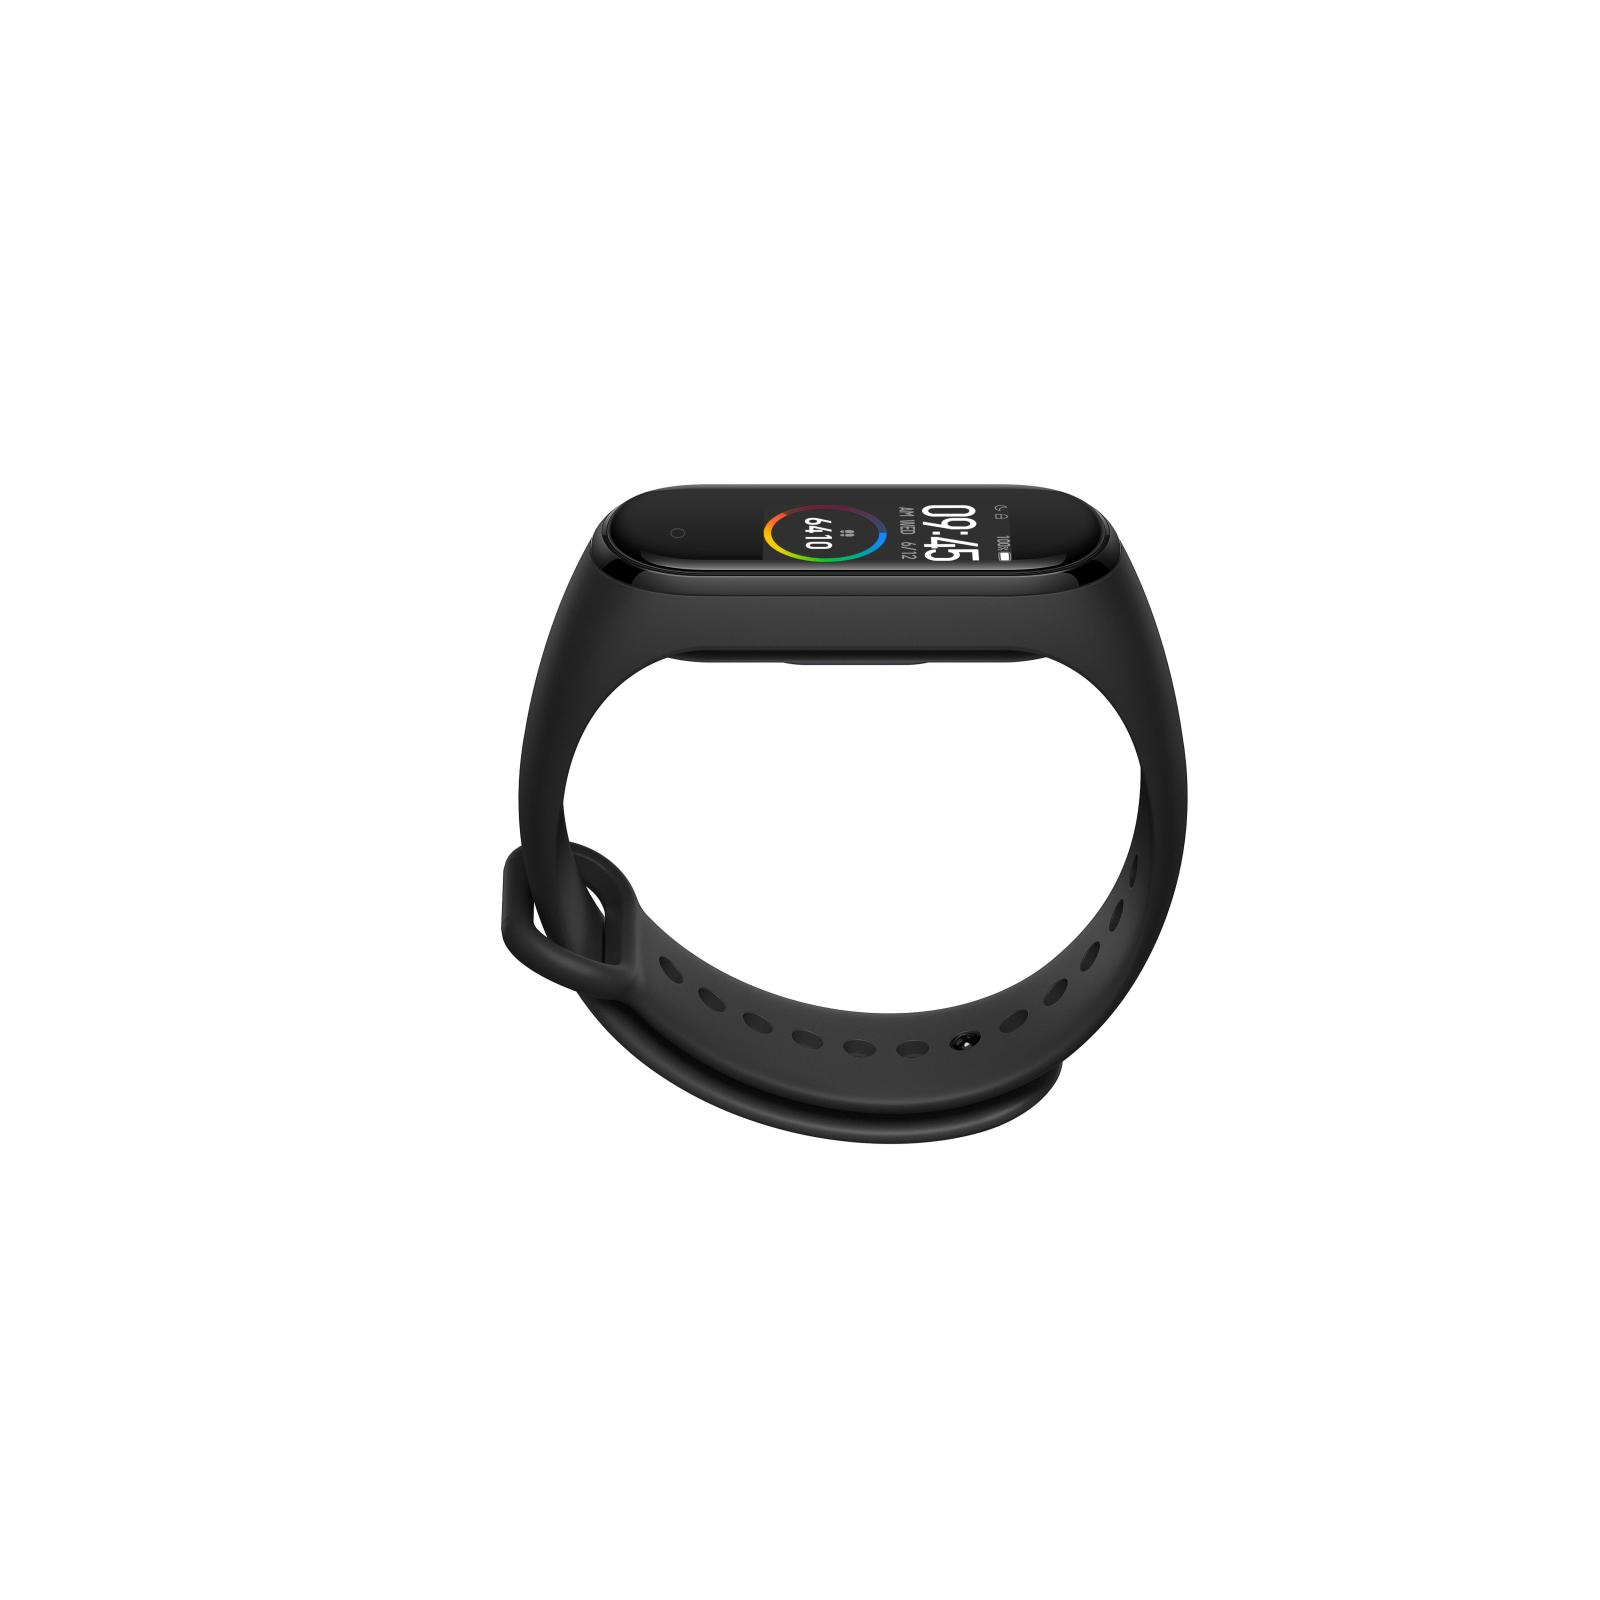 Фитнес браслет Xiaomi Mi Smart Band 4 Black изображение 4